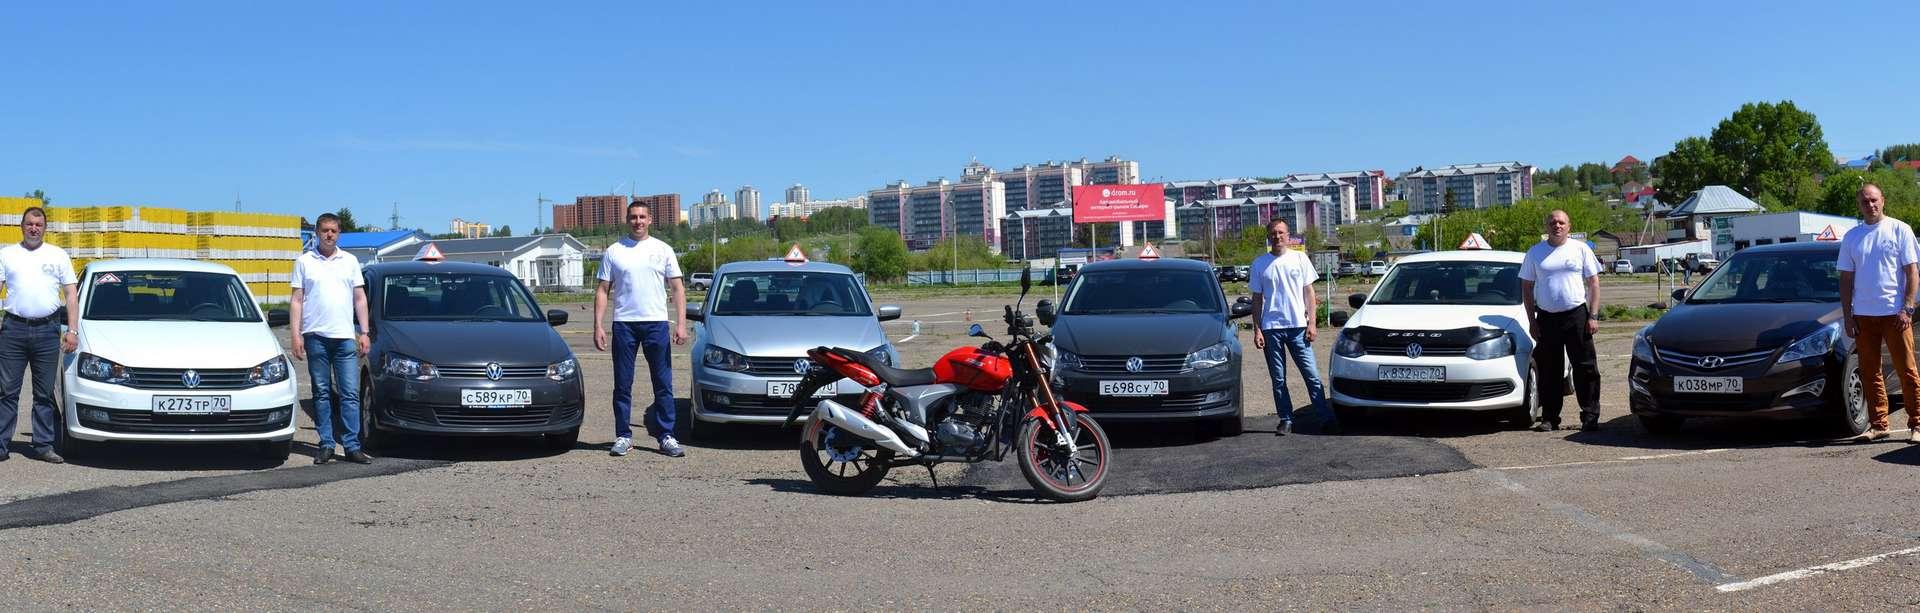 Автошкола Права 70 учебные автомобили